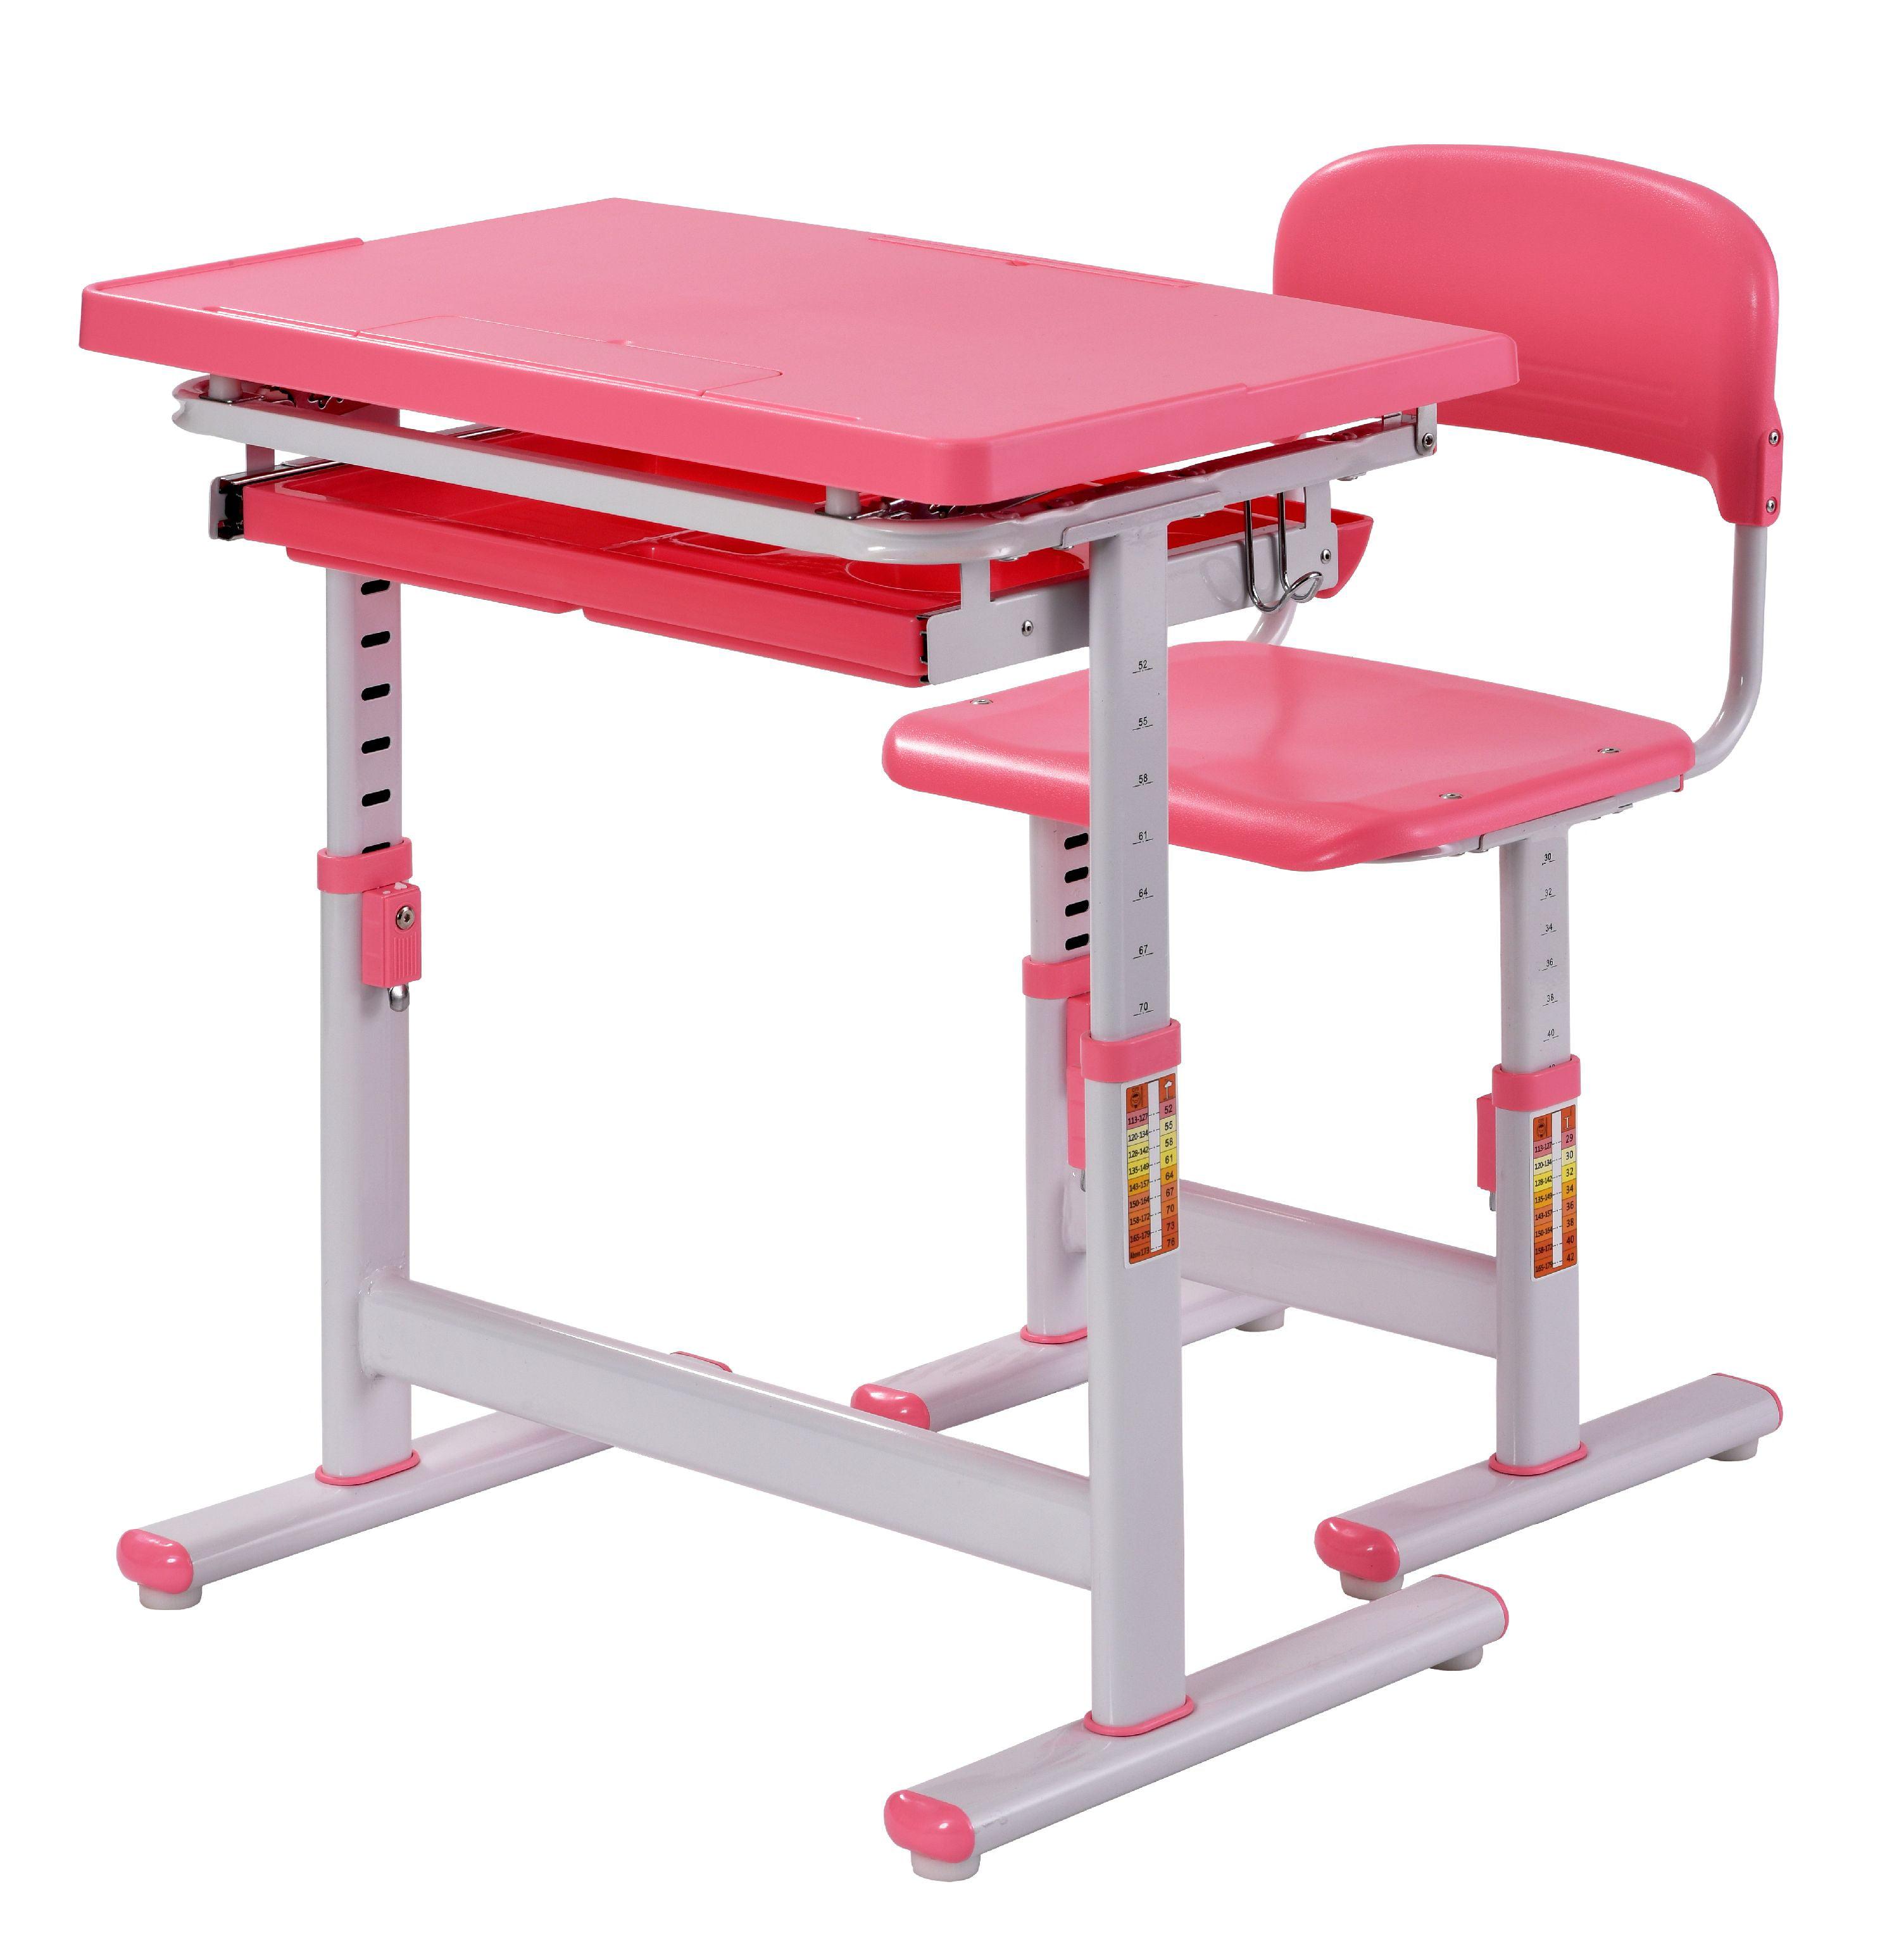 Ergonomic Adjustable Kids Desk Only $59.99 (Was $119.98)